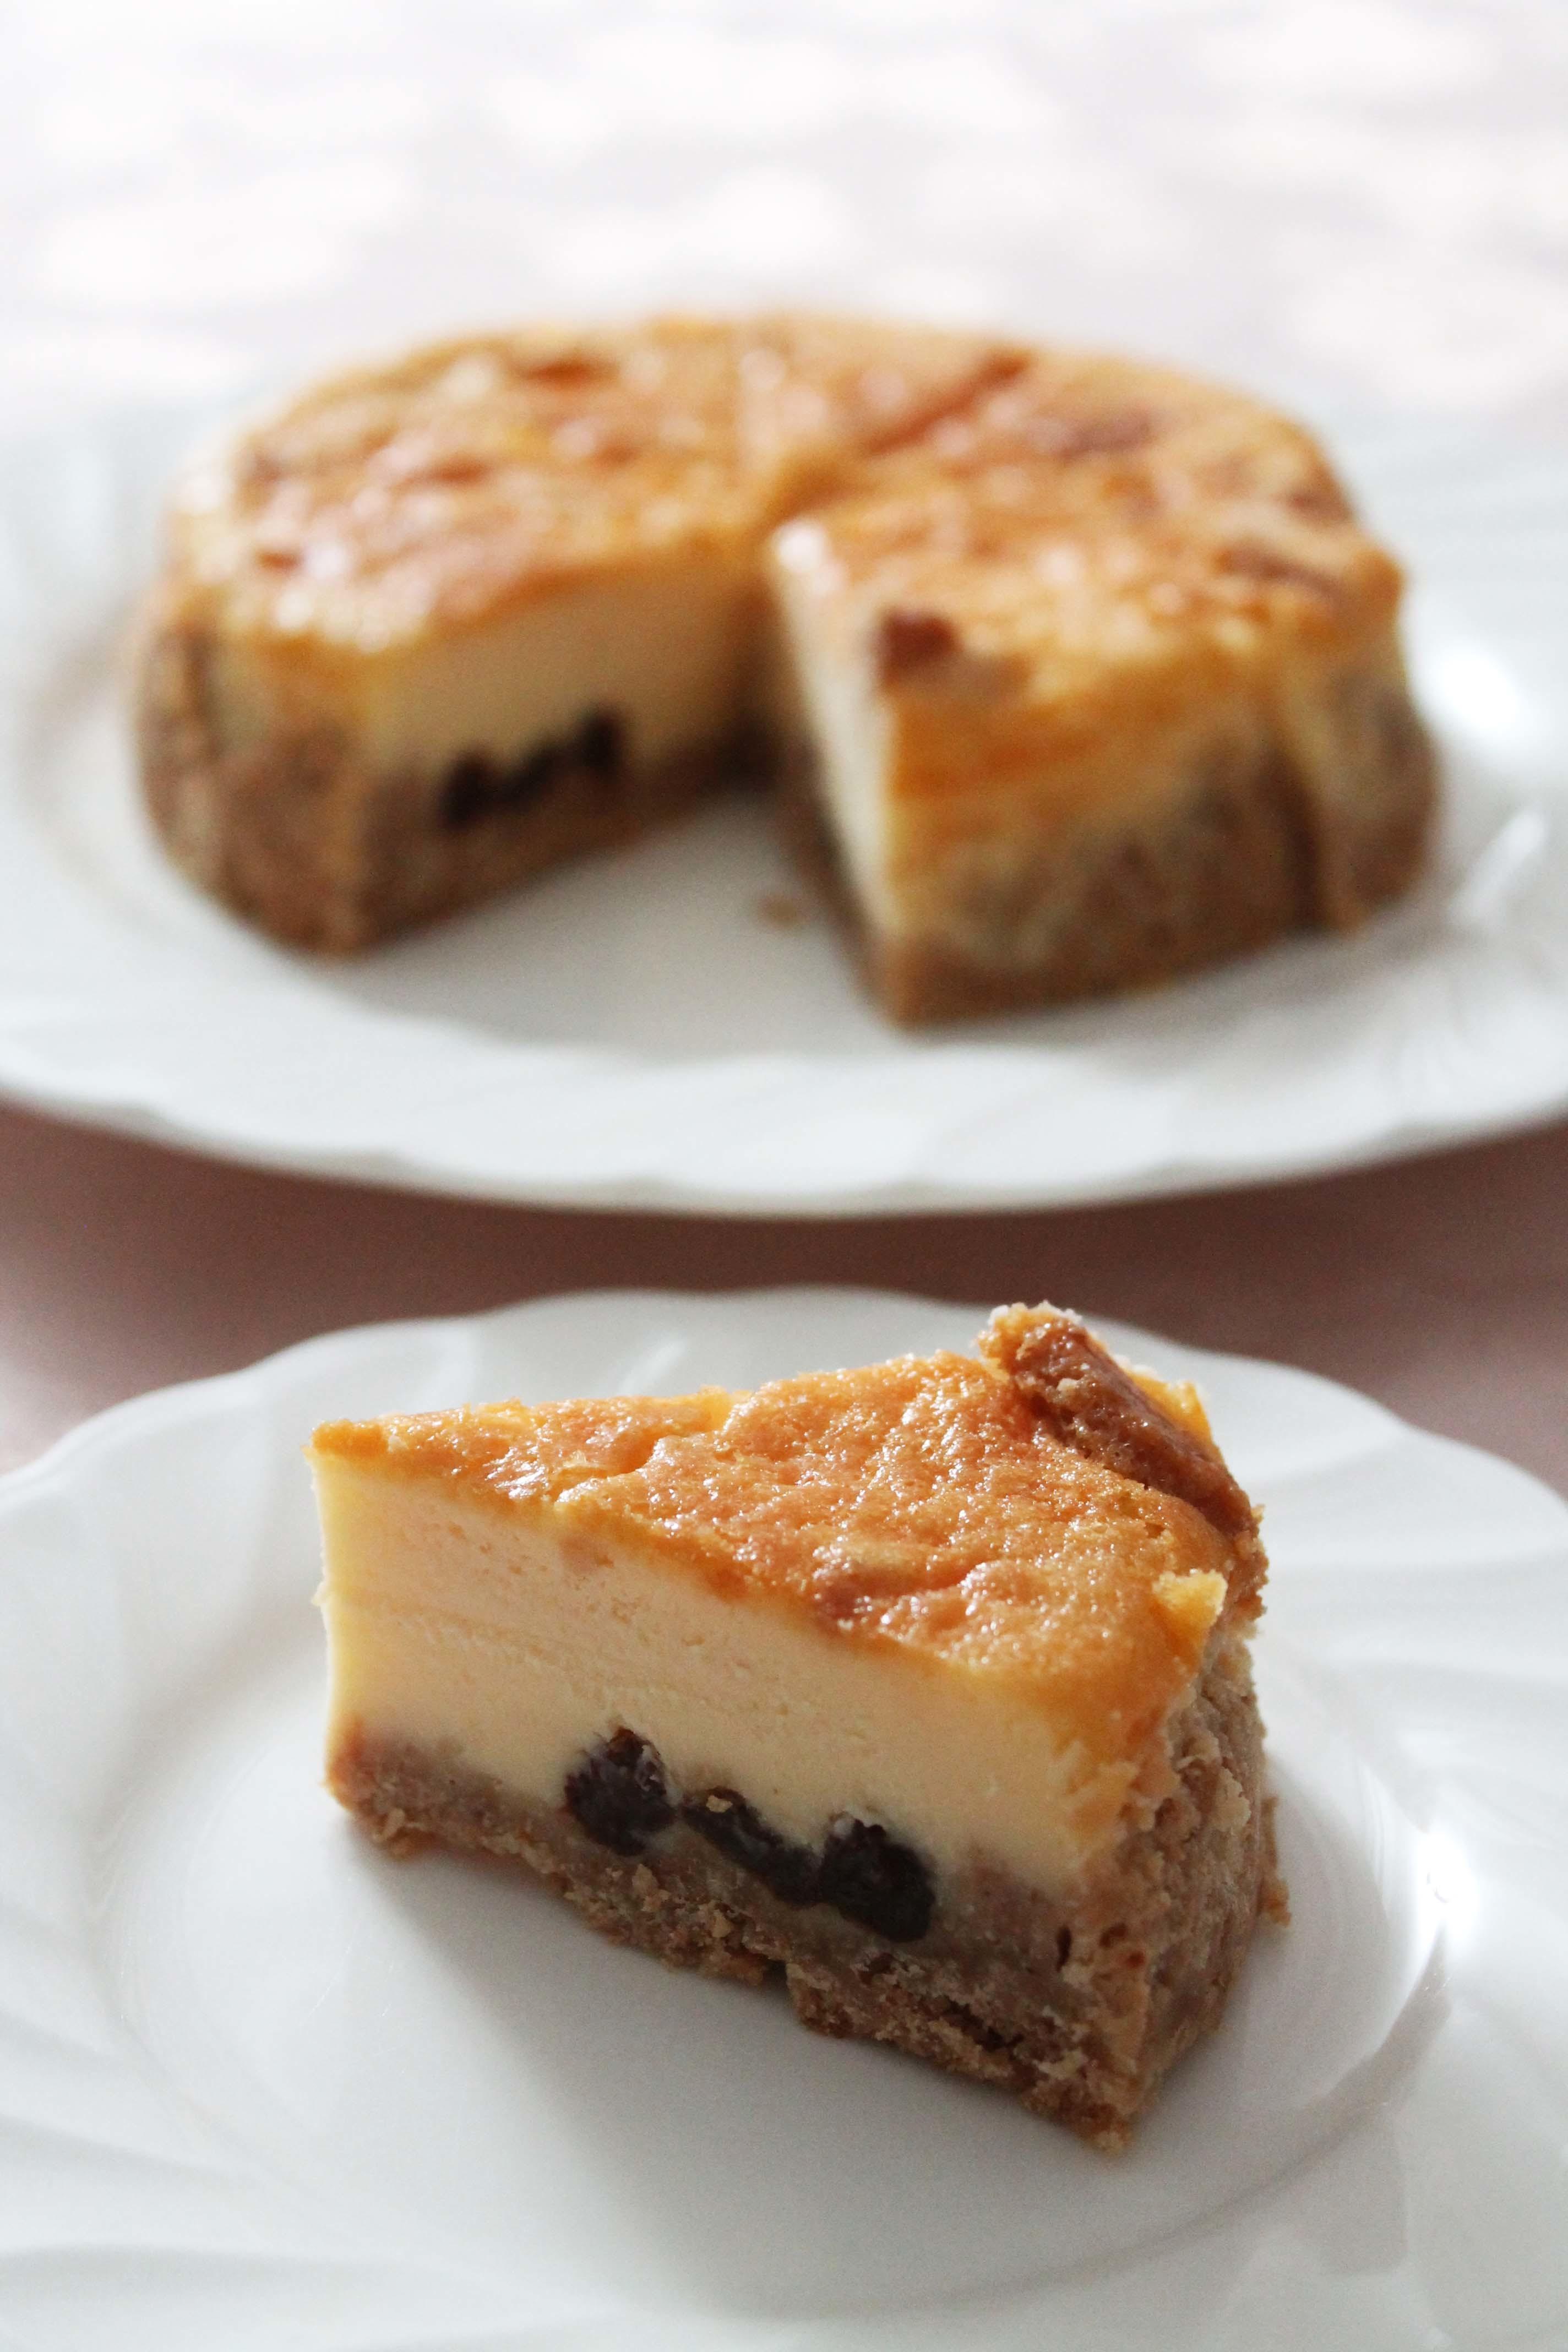 ニューヨークスタイル「チーズケーキ」_d0377645_23203851.jpg